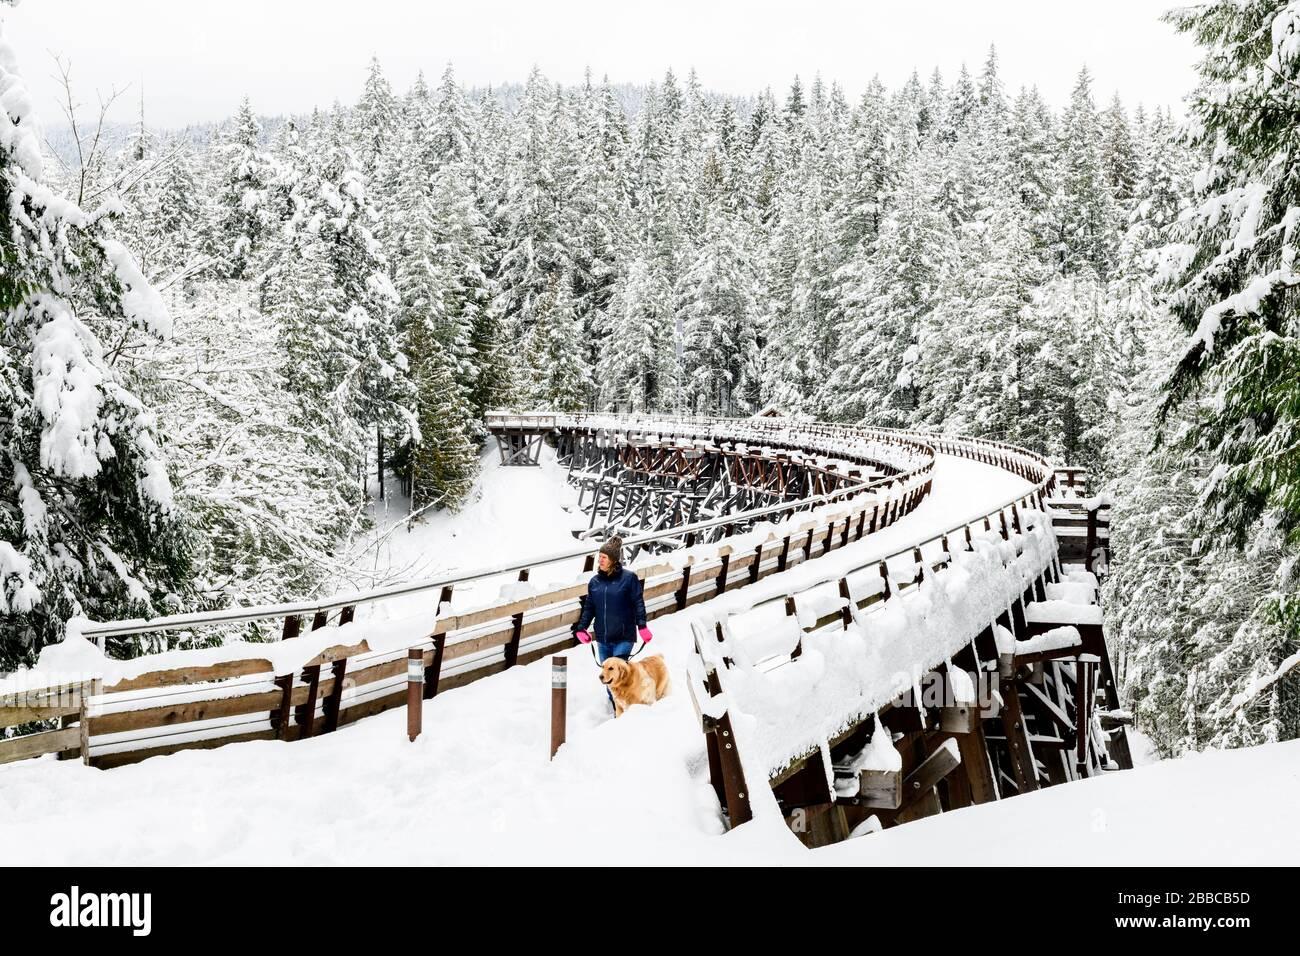 Une femme et son chien marchent sur un Kinsol Trestle chargé de neige près du lac Shawnigan, en Colombie-Britannique. Banque D'Images